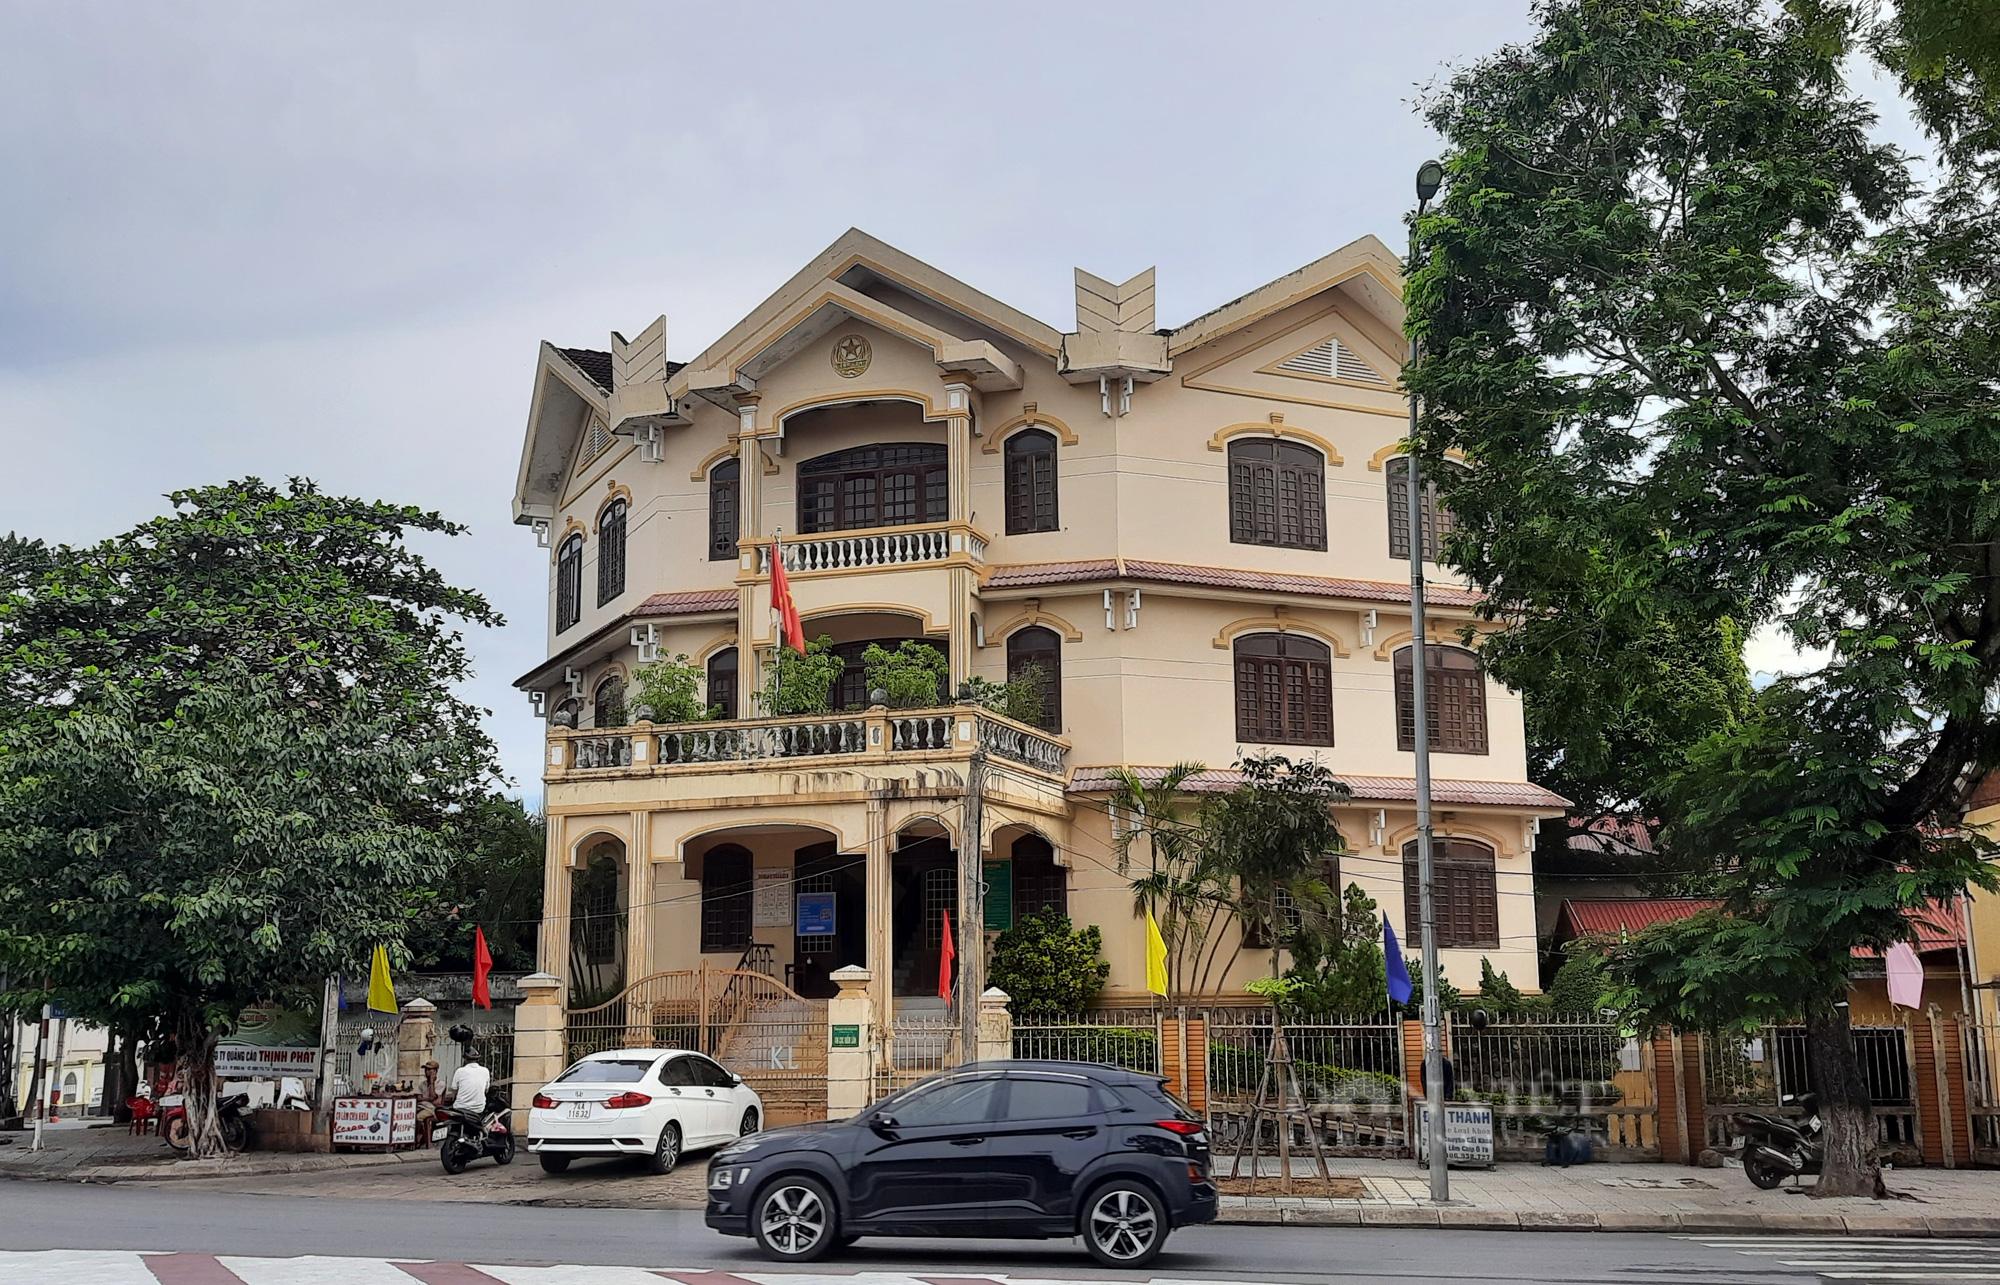 Sai phạm hàng loạt ở Chi cục Kiểm lâm tỉnh Quảng Trị: Viện trưởng Viện Kiểm sát lên tiếng - Ảnh 1.